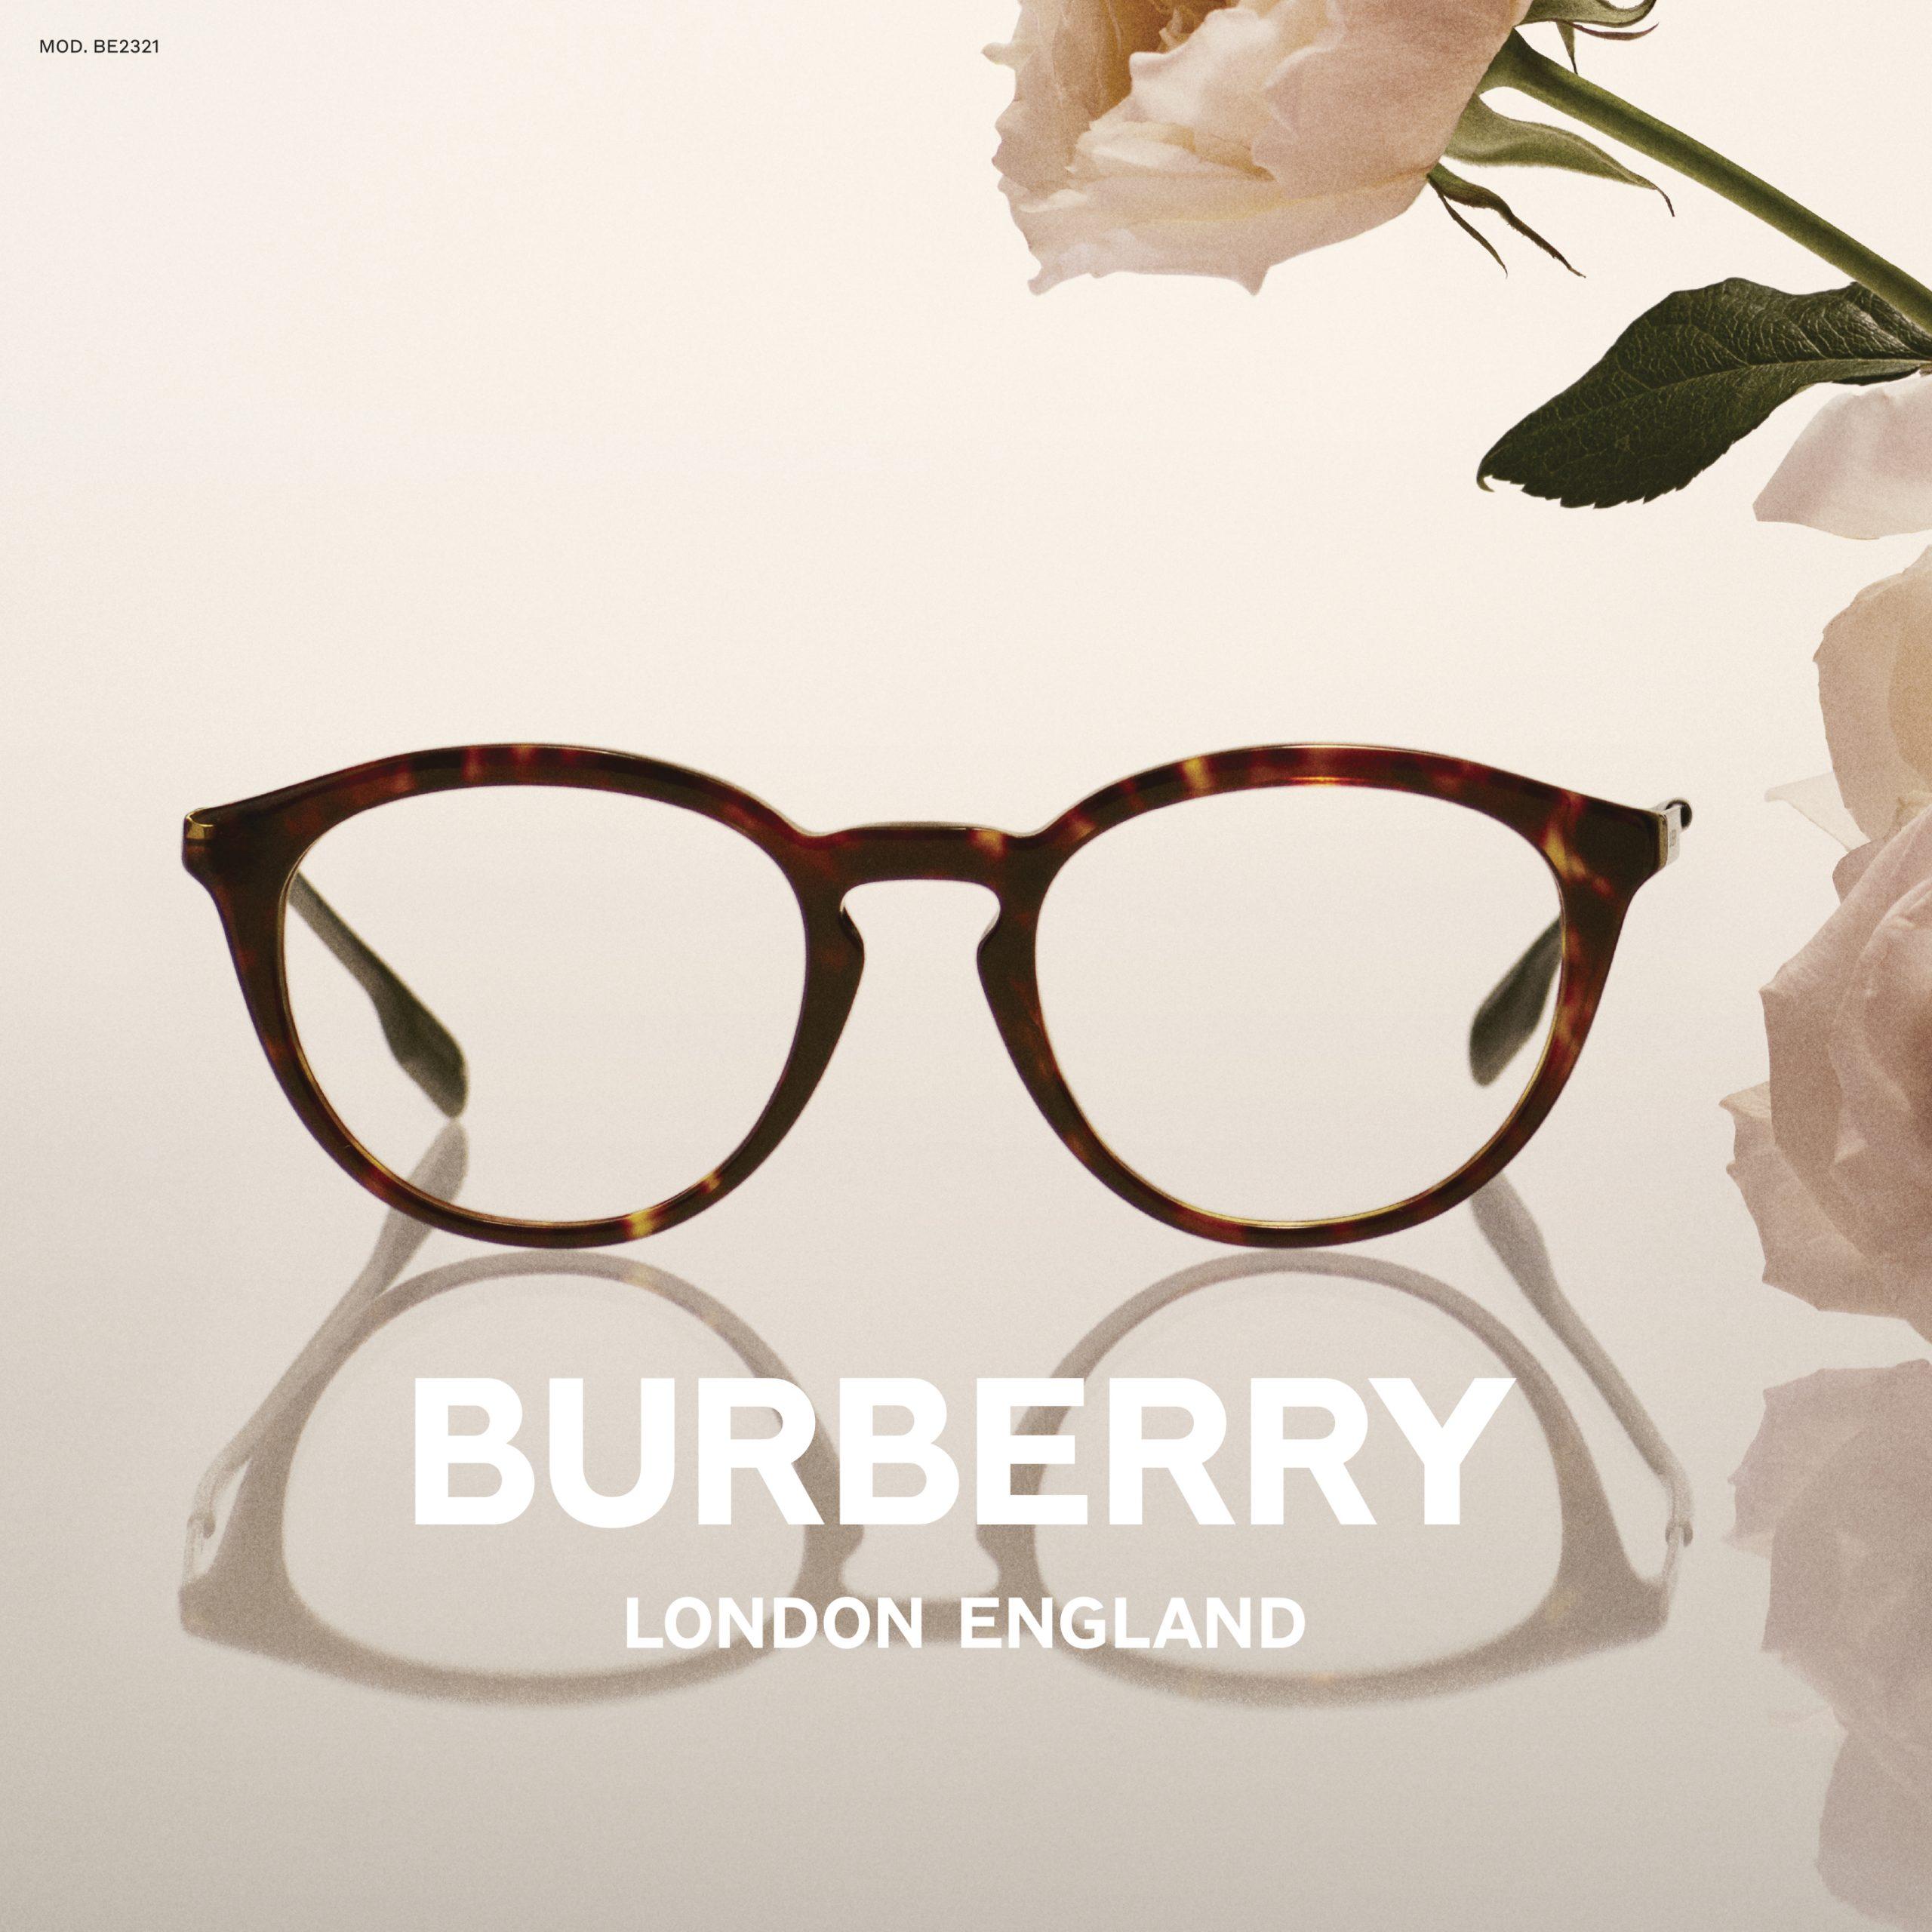 Burberry 3 - Ótica Pitosga